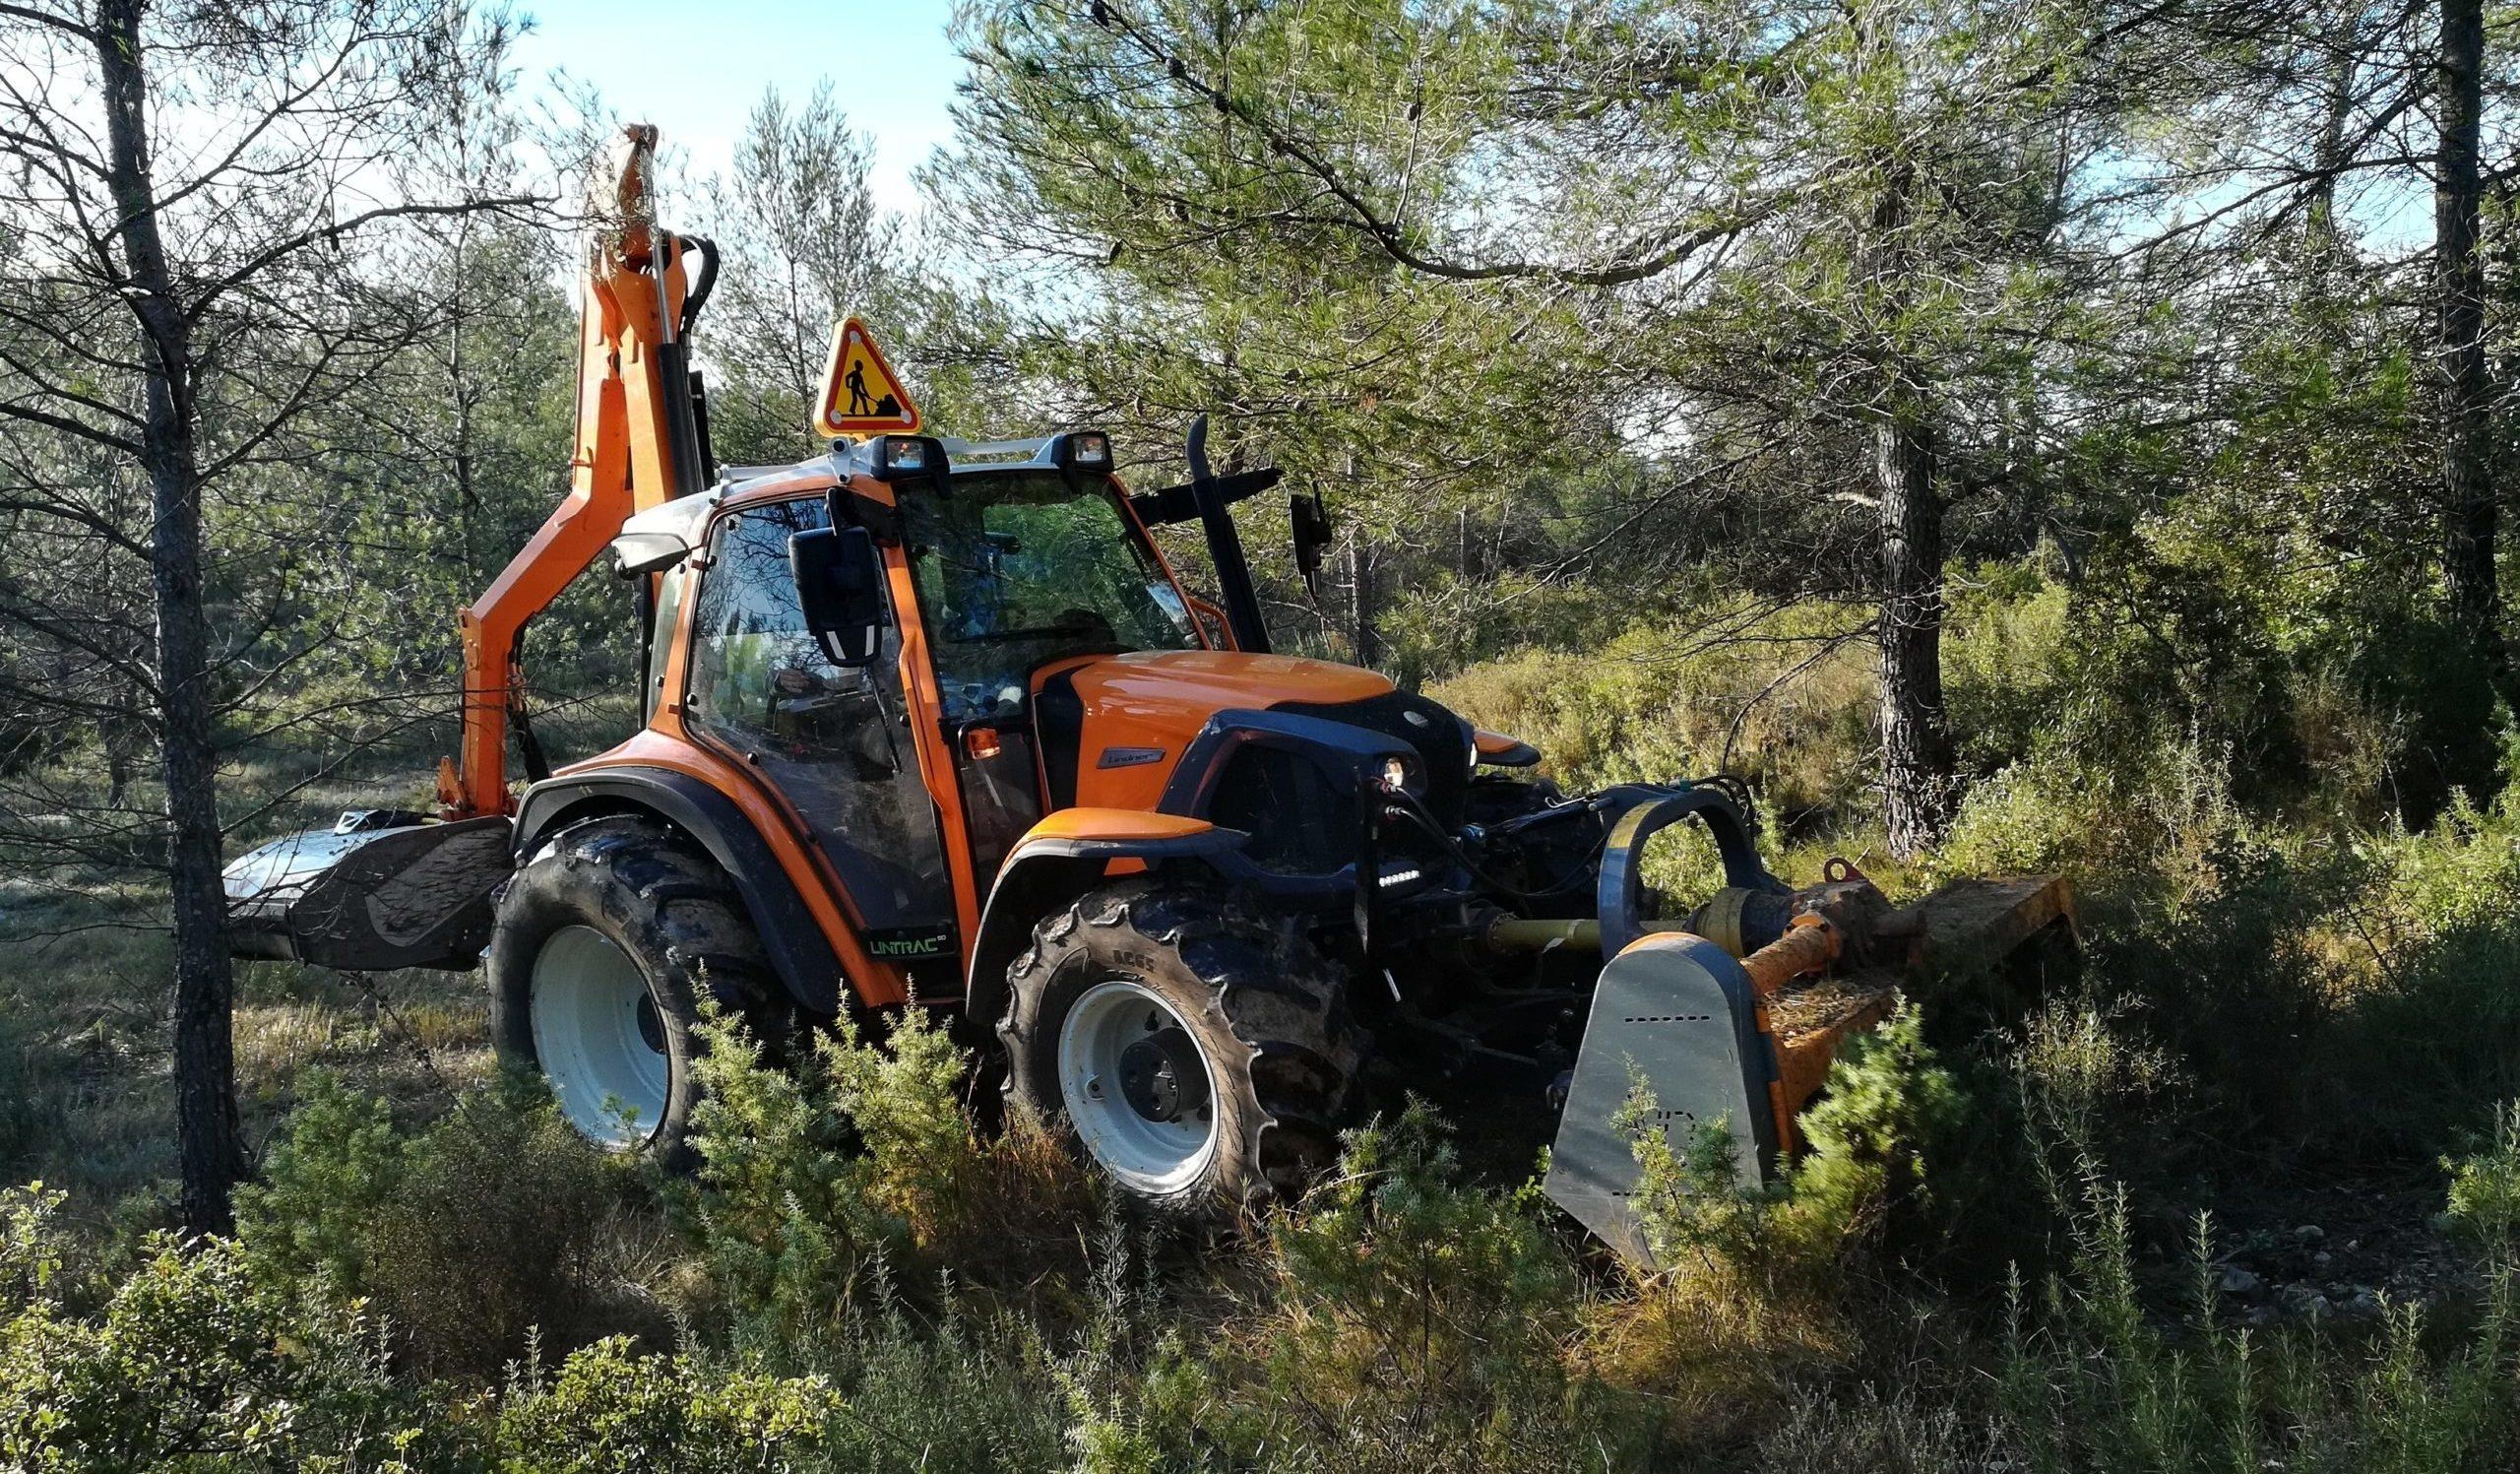 Les travaux forestiers sont désormais réglementés en période estivale. Photo : Thierry Alignan